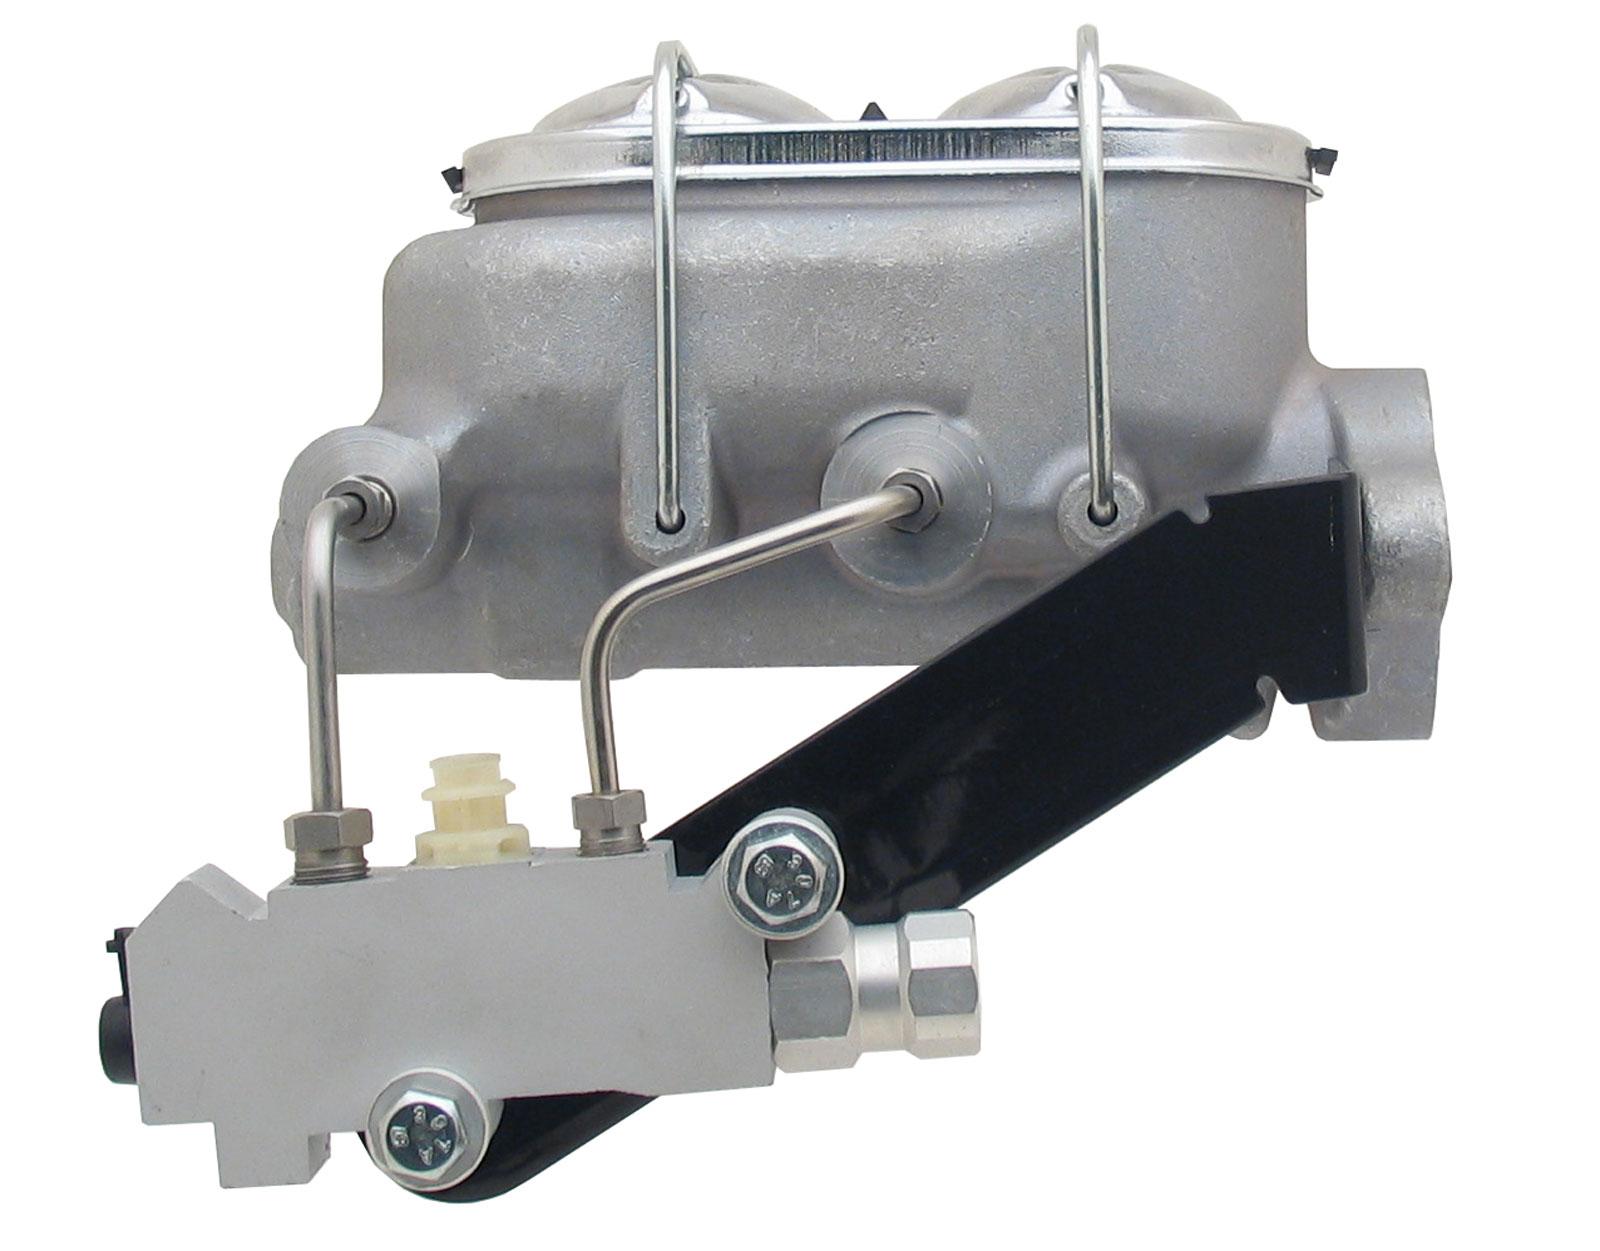 Universal Aluminum Proline Master Cylinder W/ Left Mount Proportioning Valve